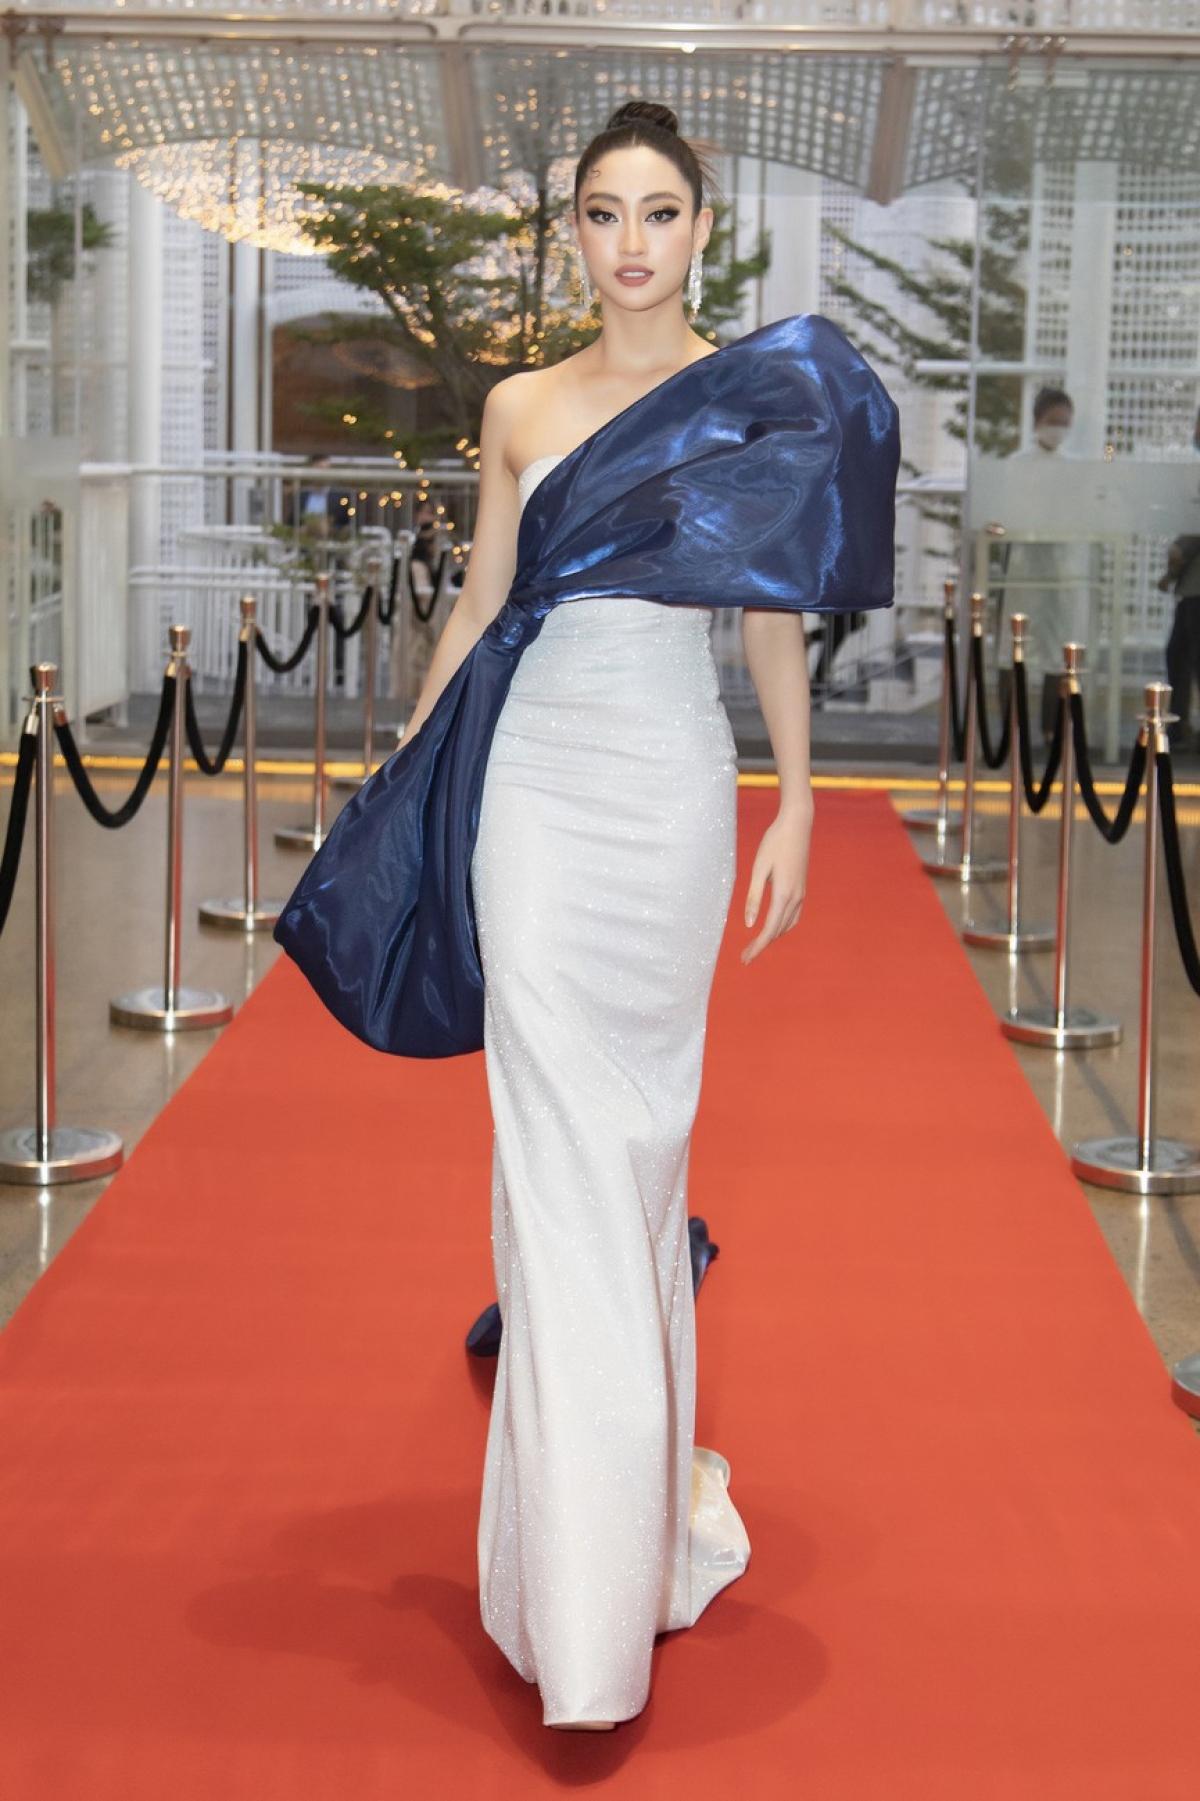 Hoa hậu Lương Thùy Linh tỏa sáng trên thảm đỏ với bộ váy chi tiết đính nơ to bản đẹp mắt.